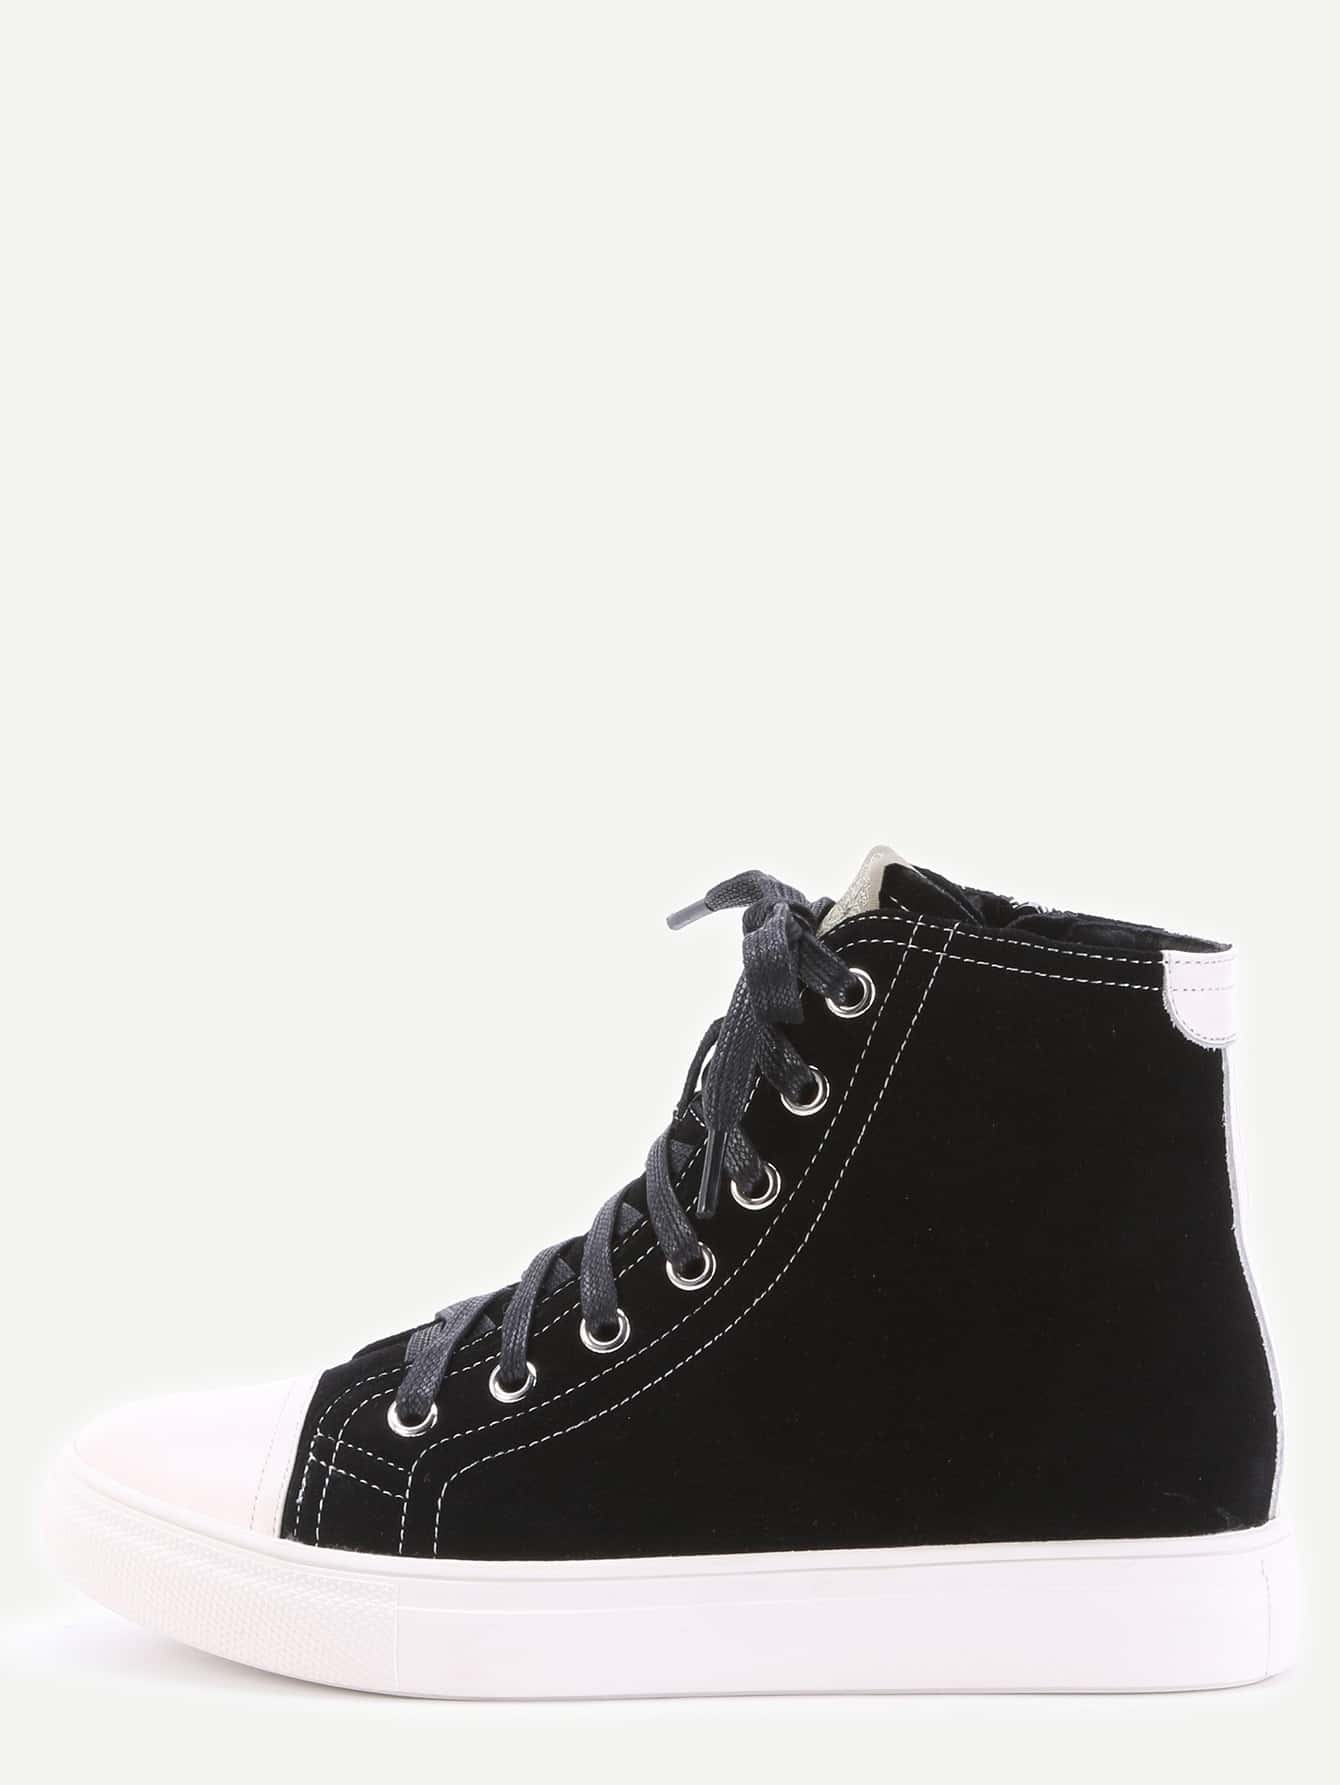 shoes160929801_2